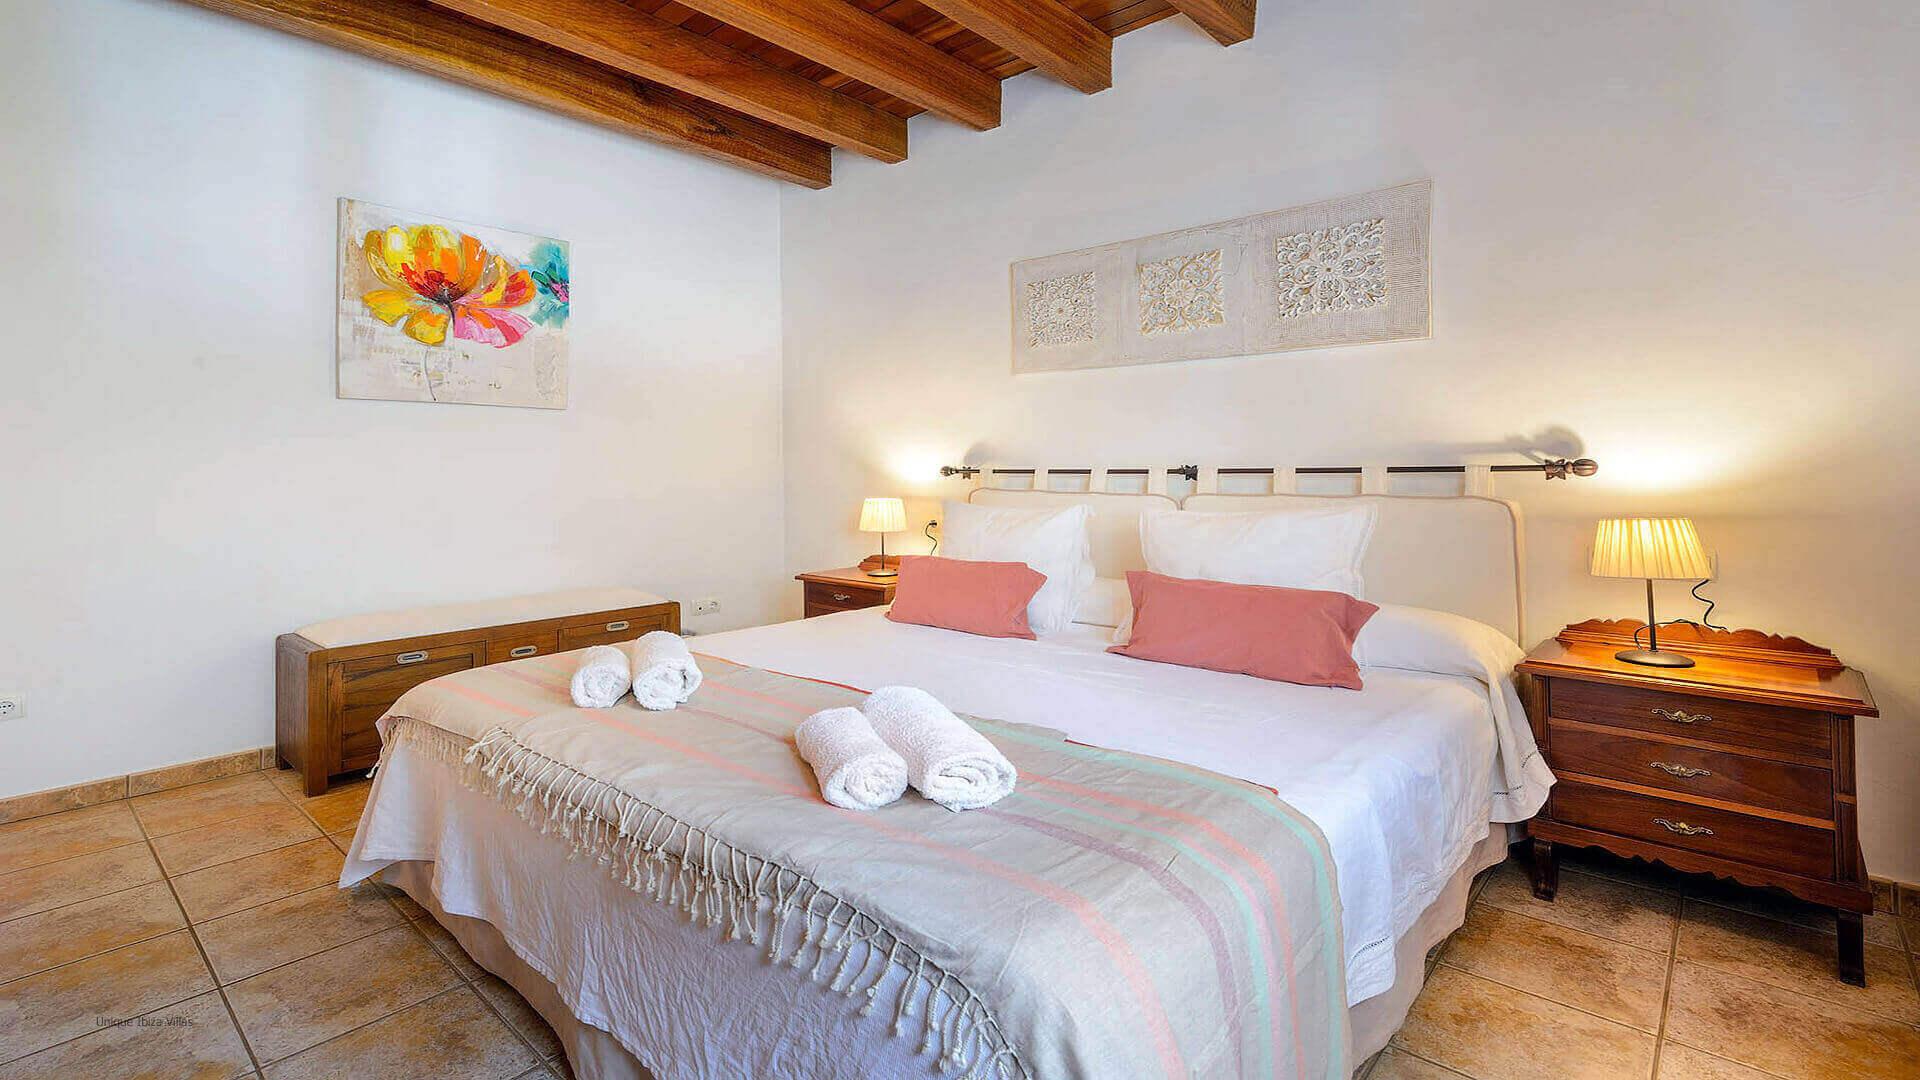 Curreu III Ibiza 36 Bedroom 2